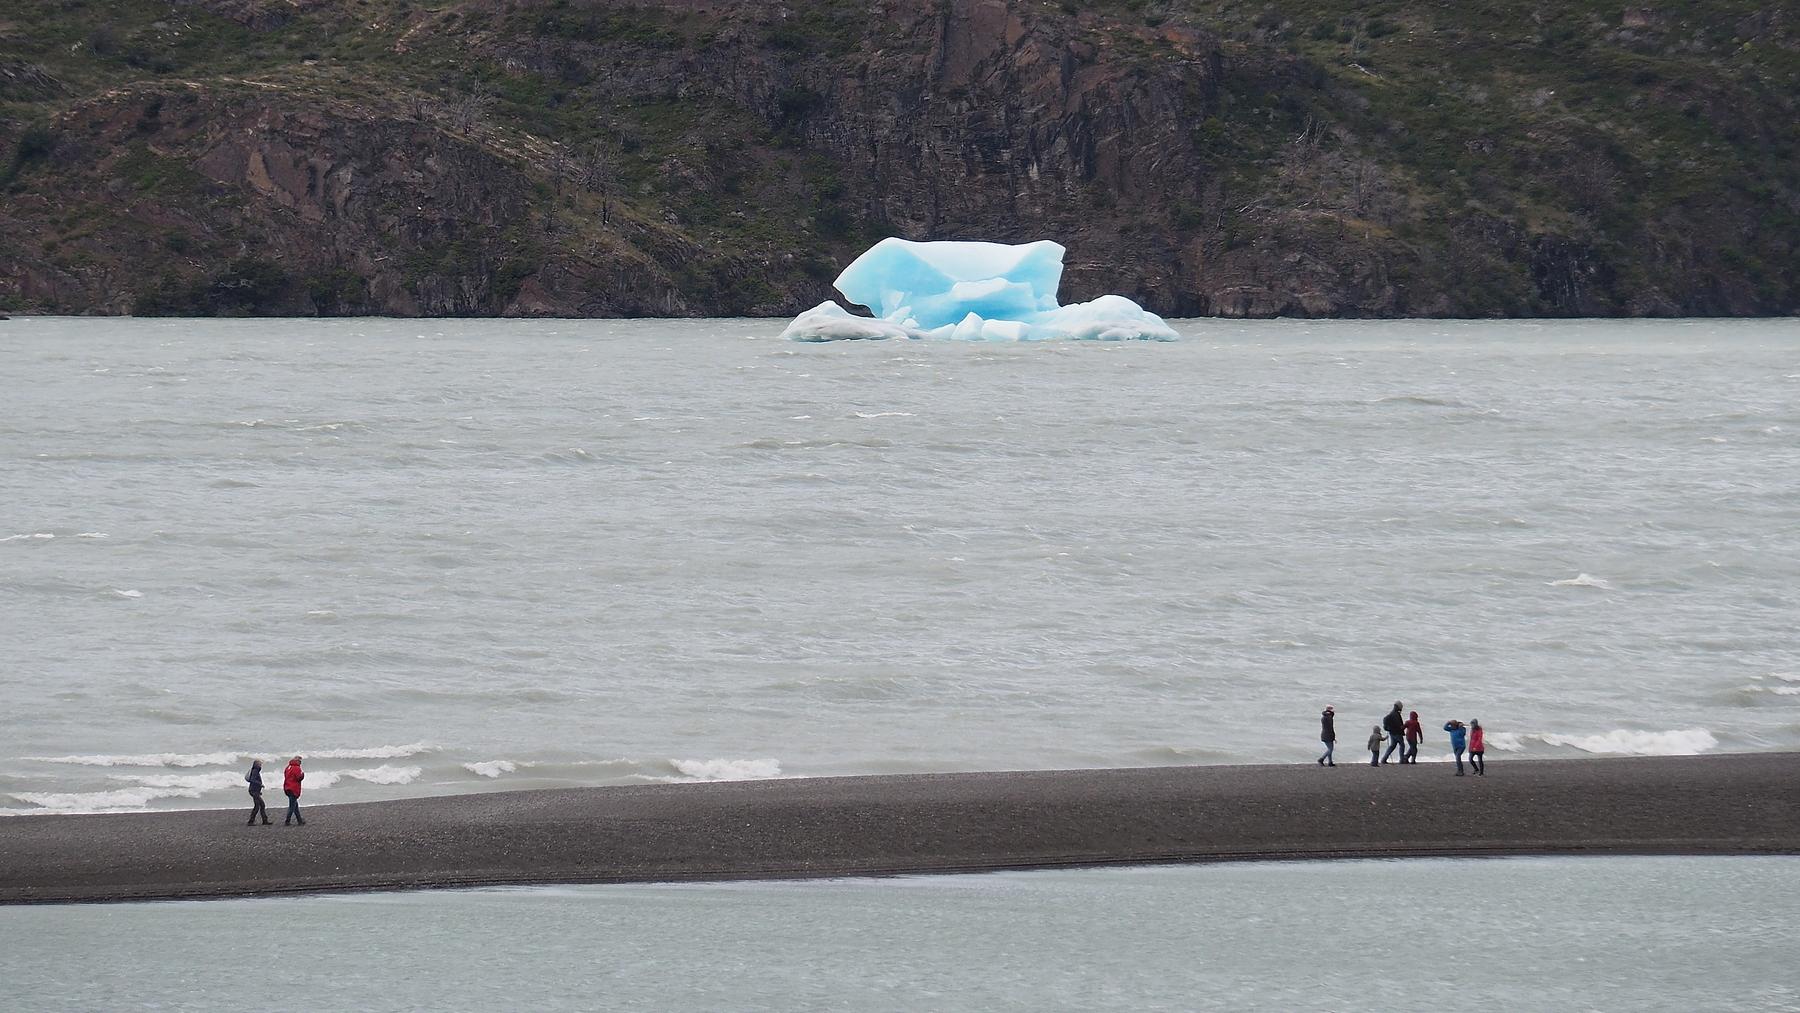 Ein kleiner Eisberg hat es bis zu unserem Ende des Sees geschafft